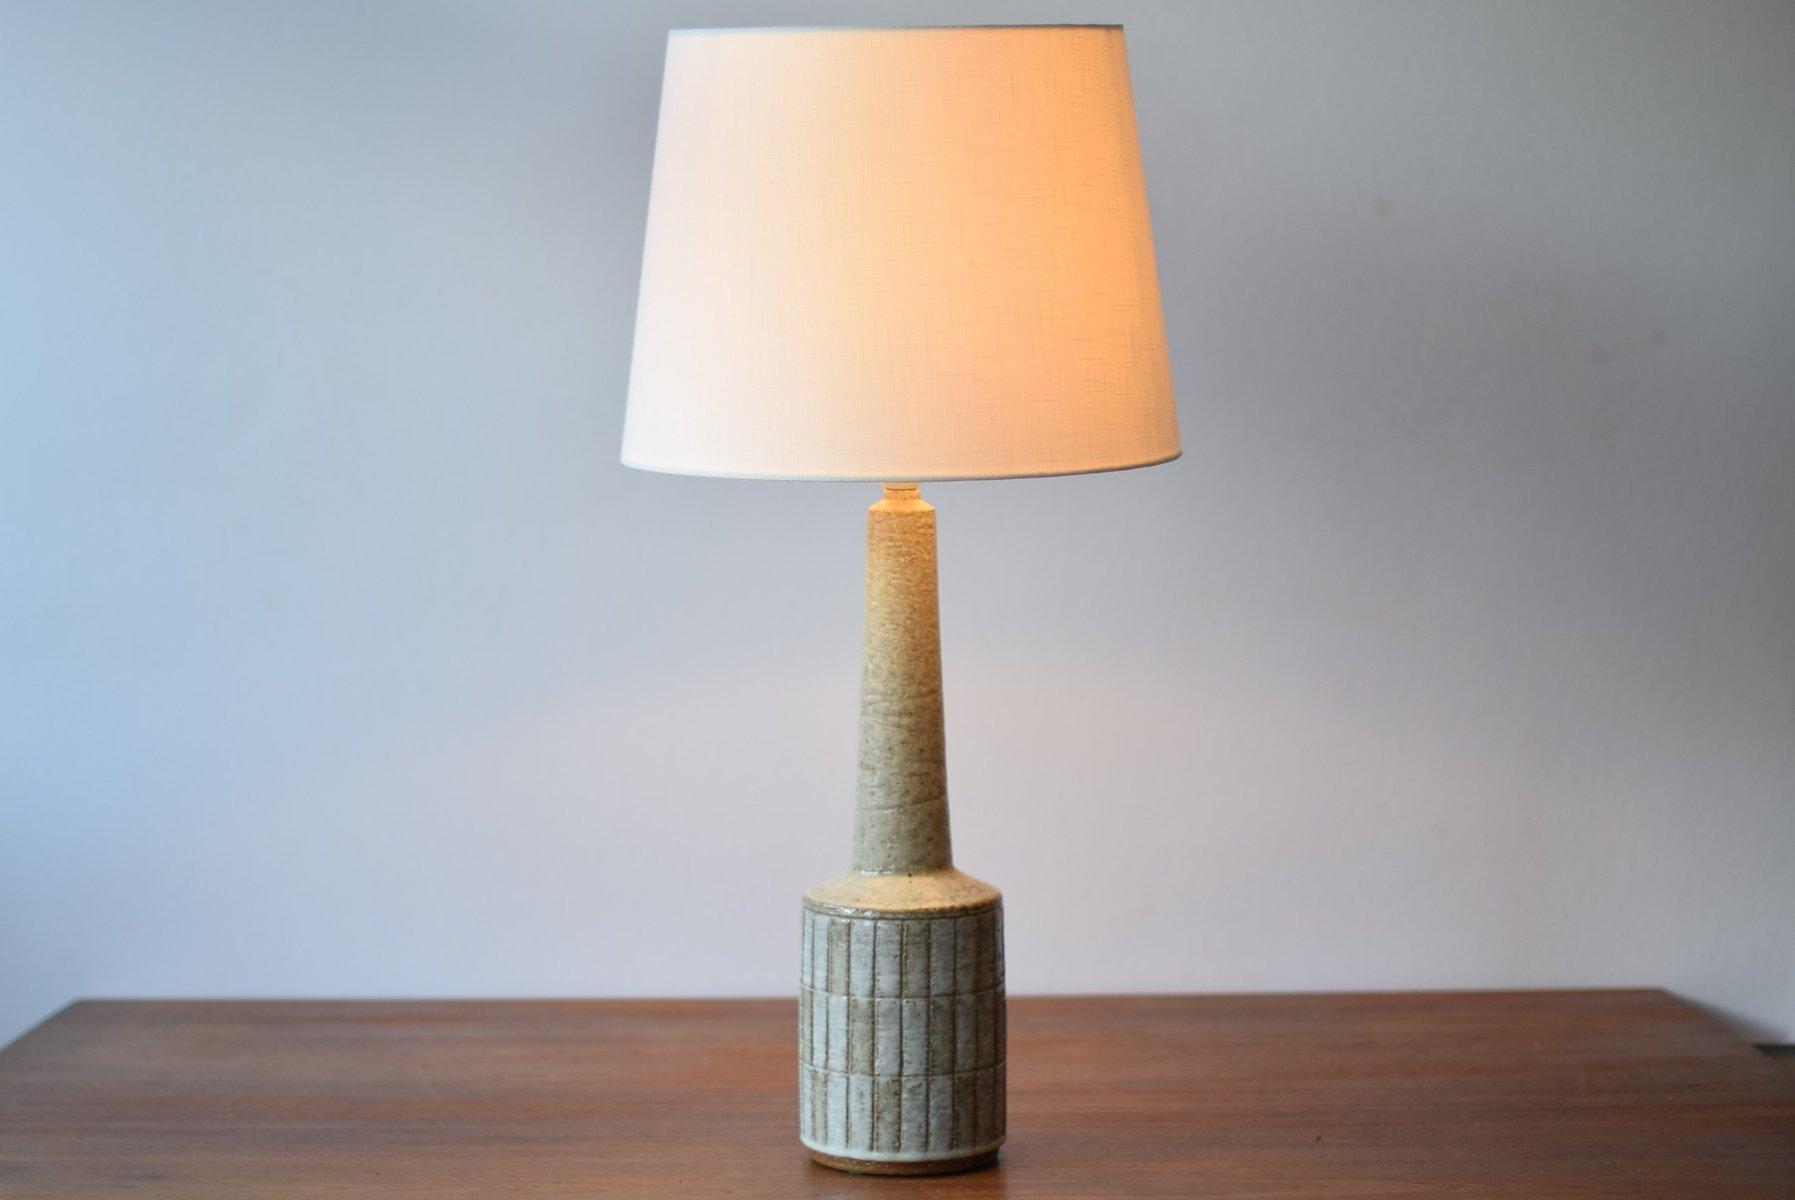 Beige Scandinavian Table Lamp by Per Linnemann-Schmidt for Palshus ...